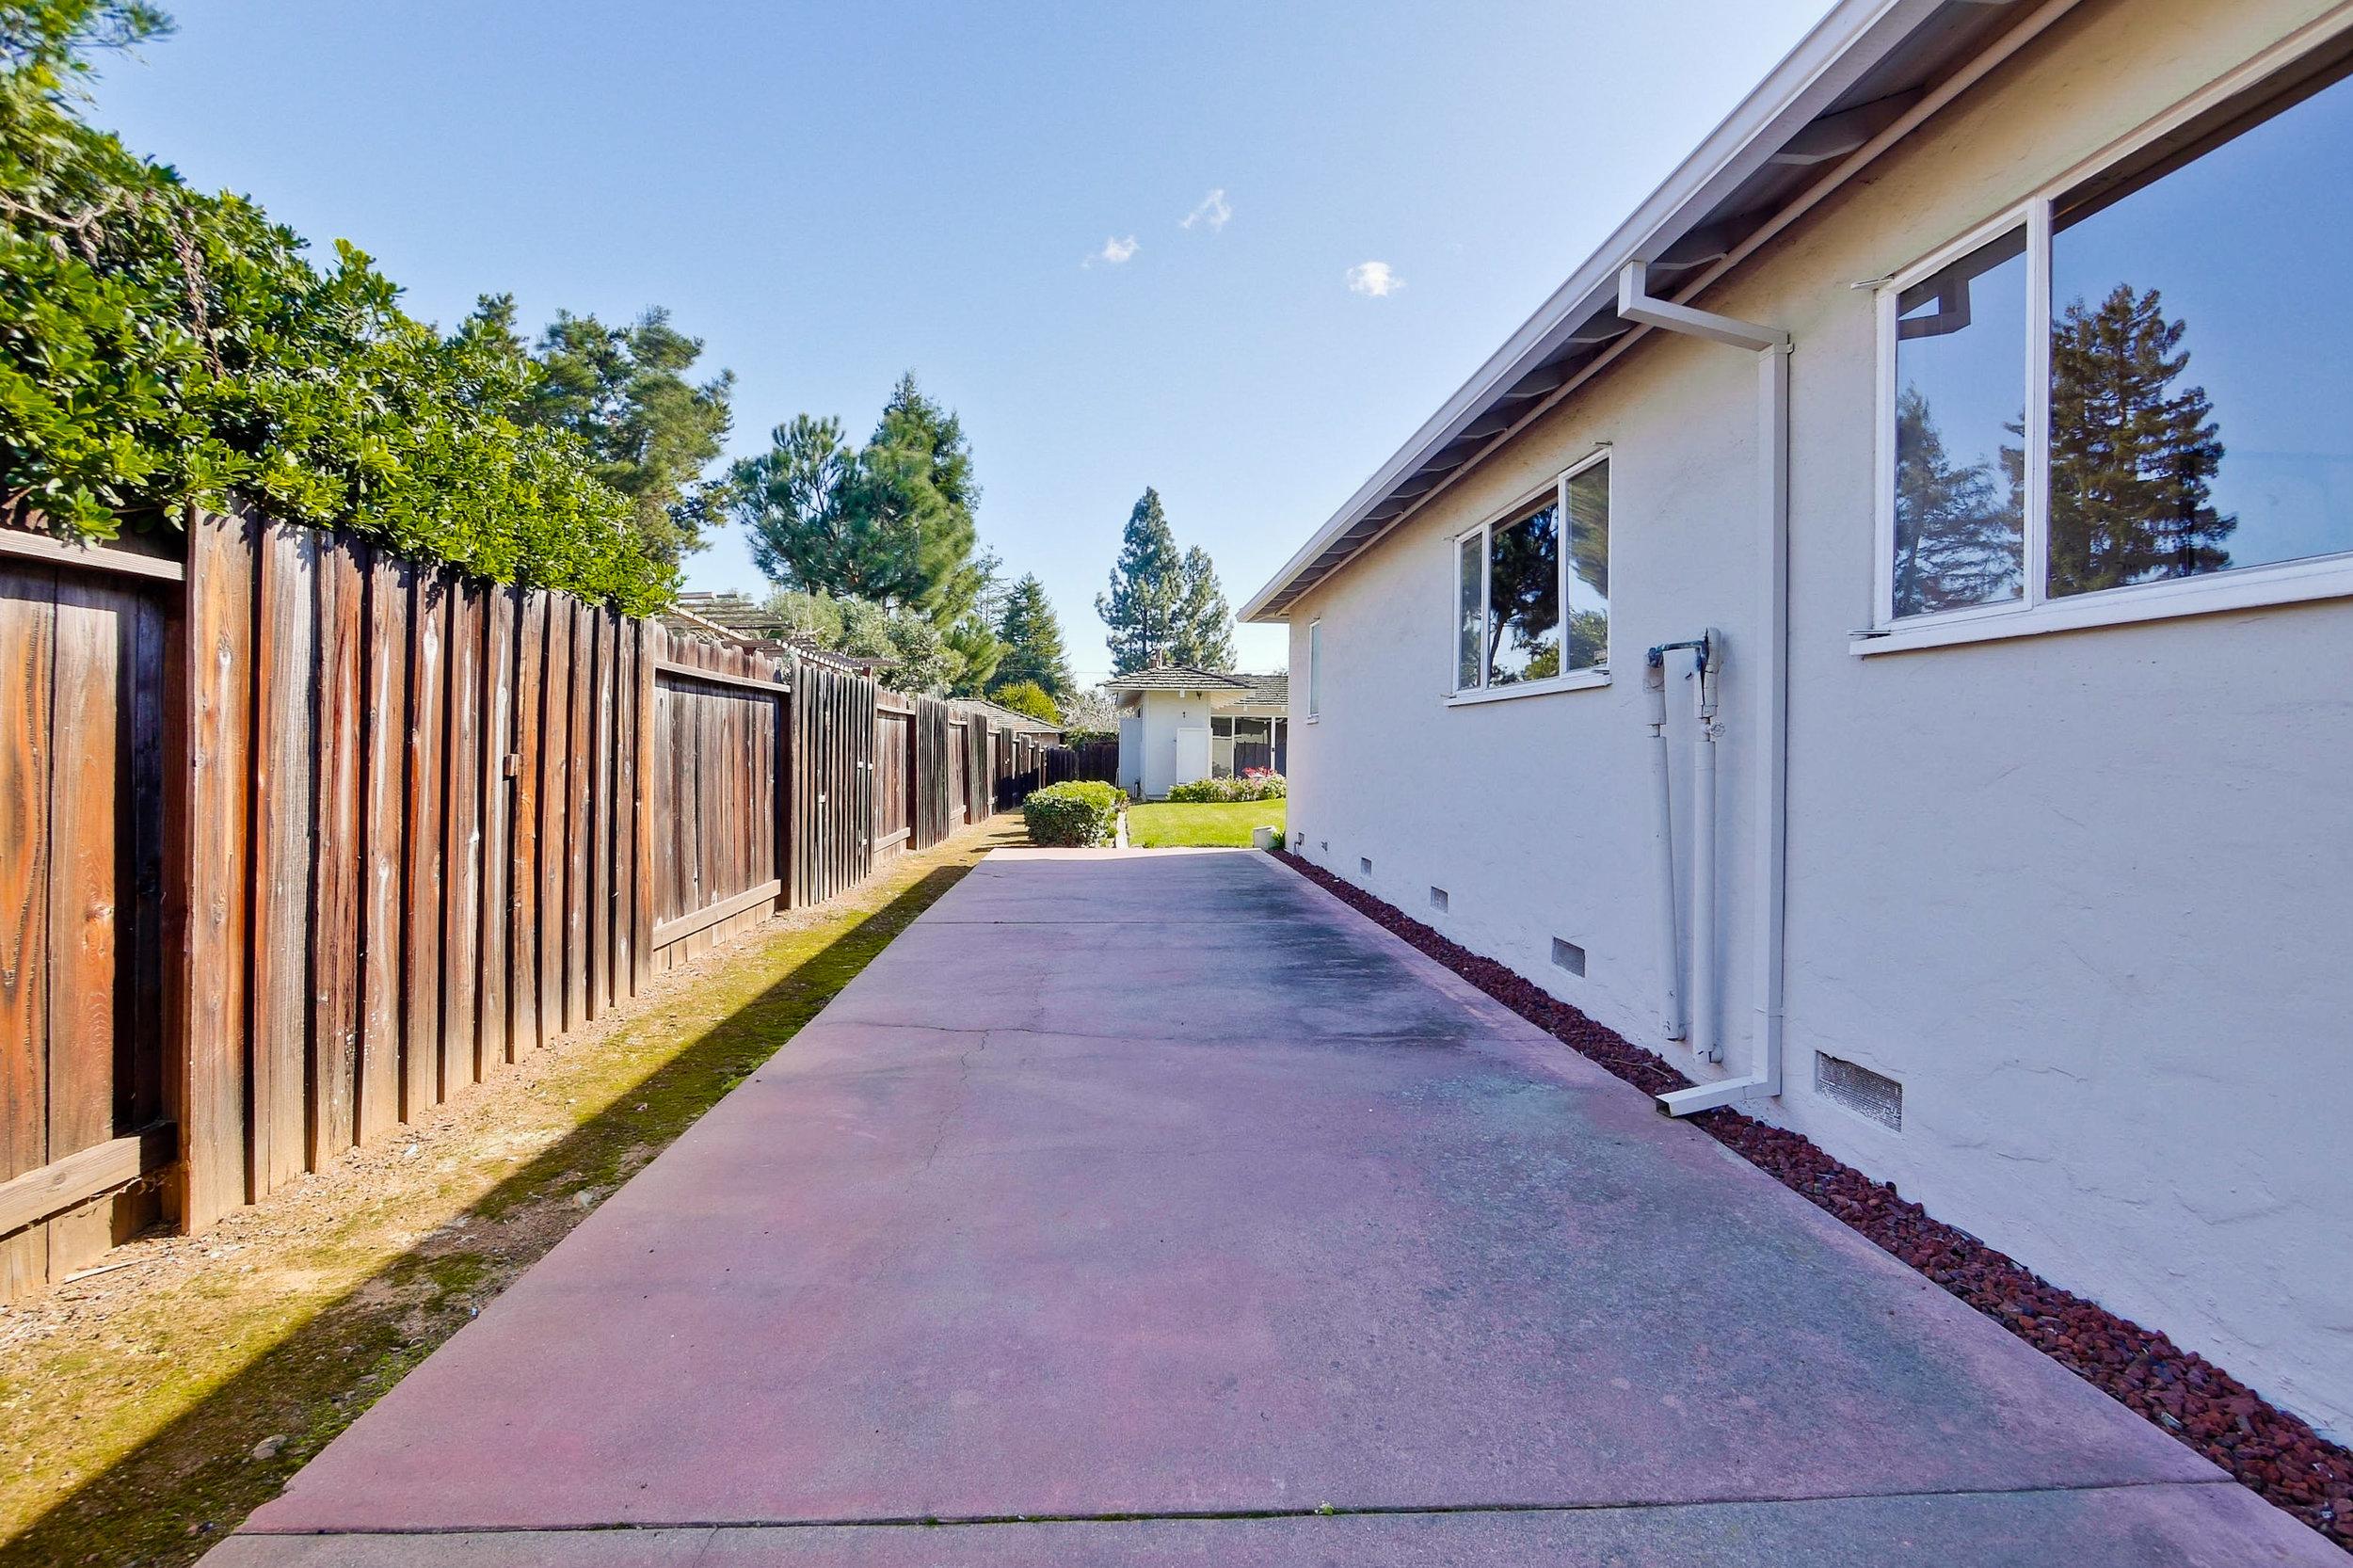 backyard original-00006.jpg